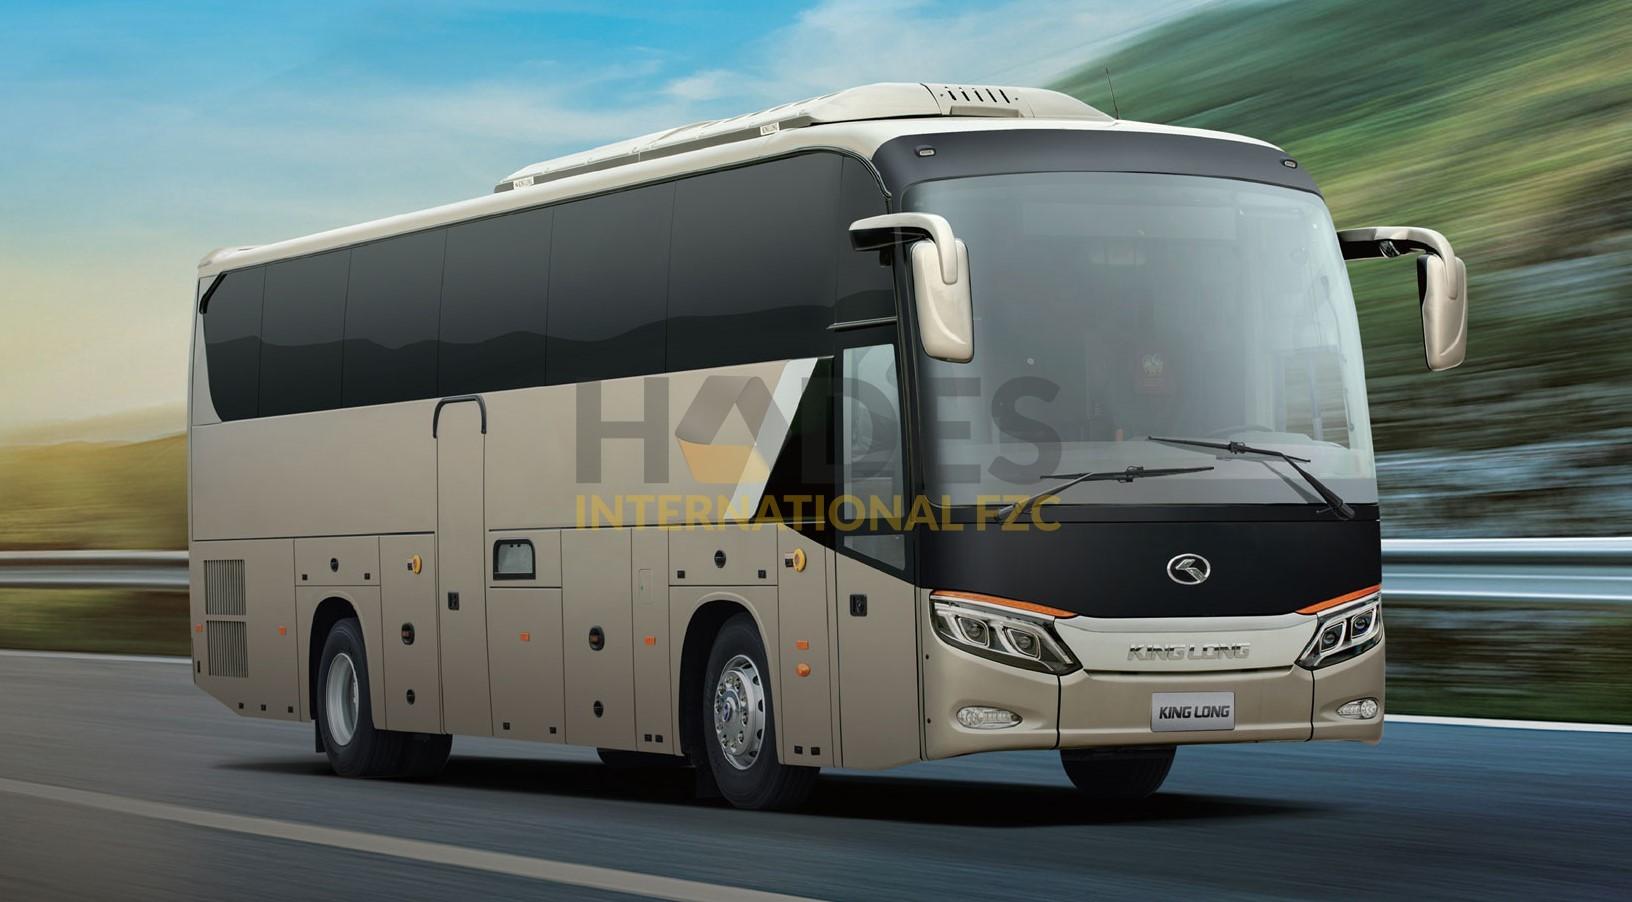 KING LONG LARGE LUXURY СОАСН BUS 49- 53 SEATER 2020 MODEL